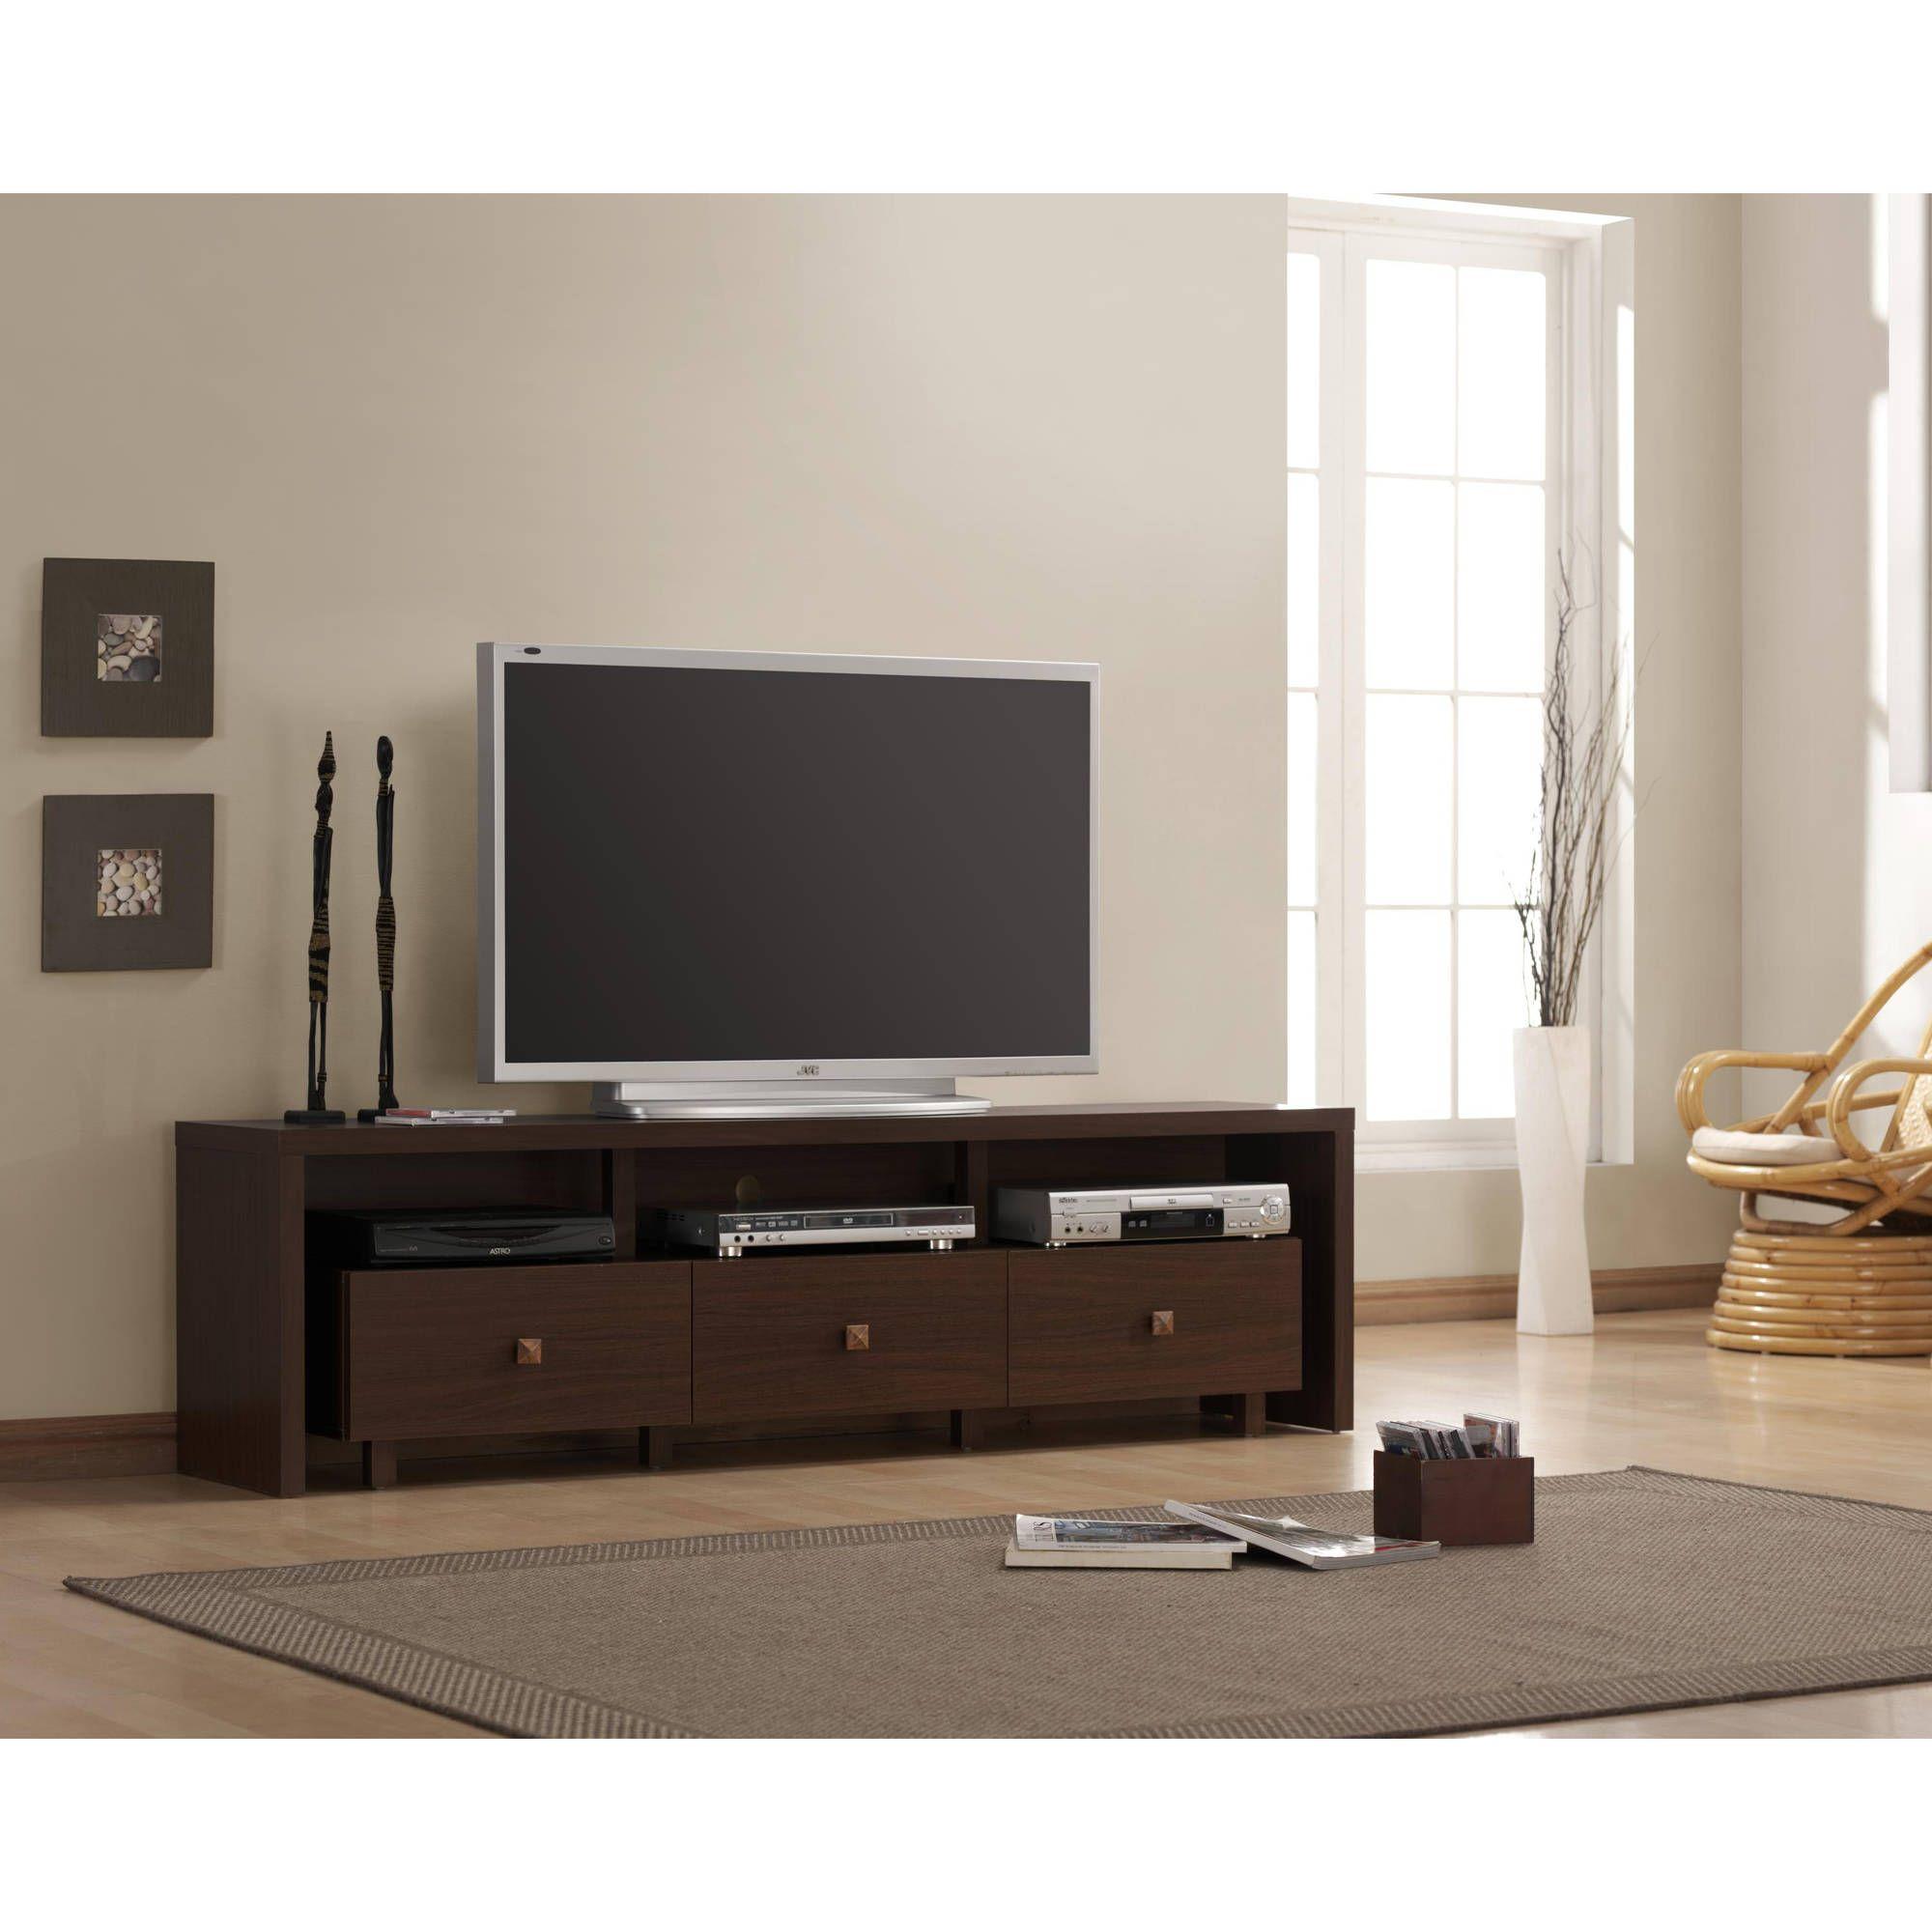 Techni Mobili Palma 3 Drawer TV Cabinet  Multiple finishes for TVs up to 70. Techni Mobili Palma 3 Drawer TV Cabinet  Multiple finishes for TVs